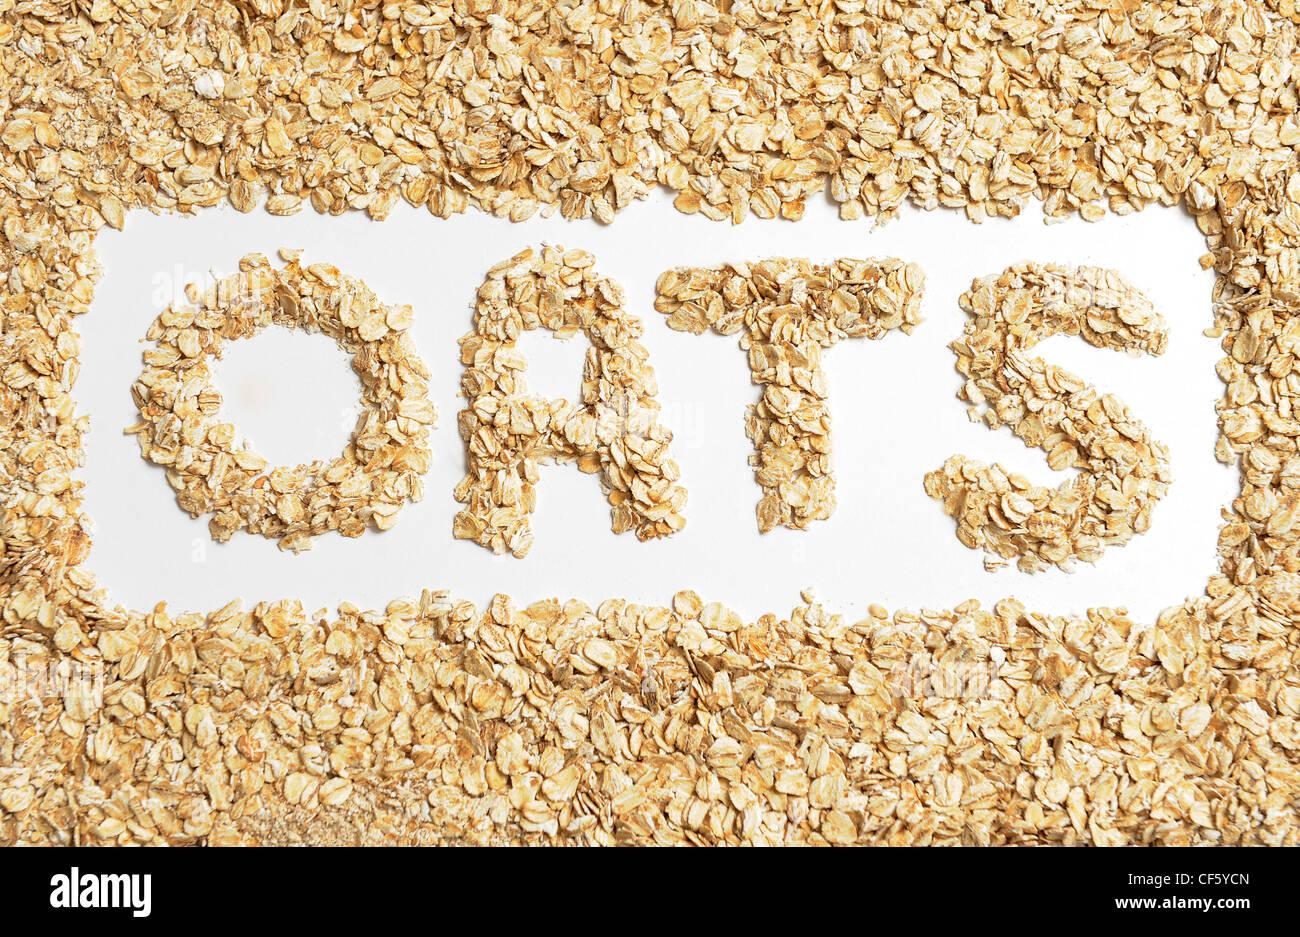 Encore une image de la vie d'avoine porridge à sec avec le mot avoine épeautre au milieu Banque D'Images